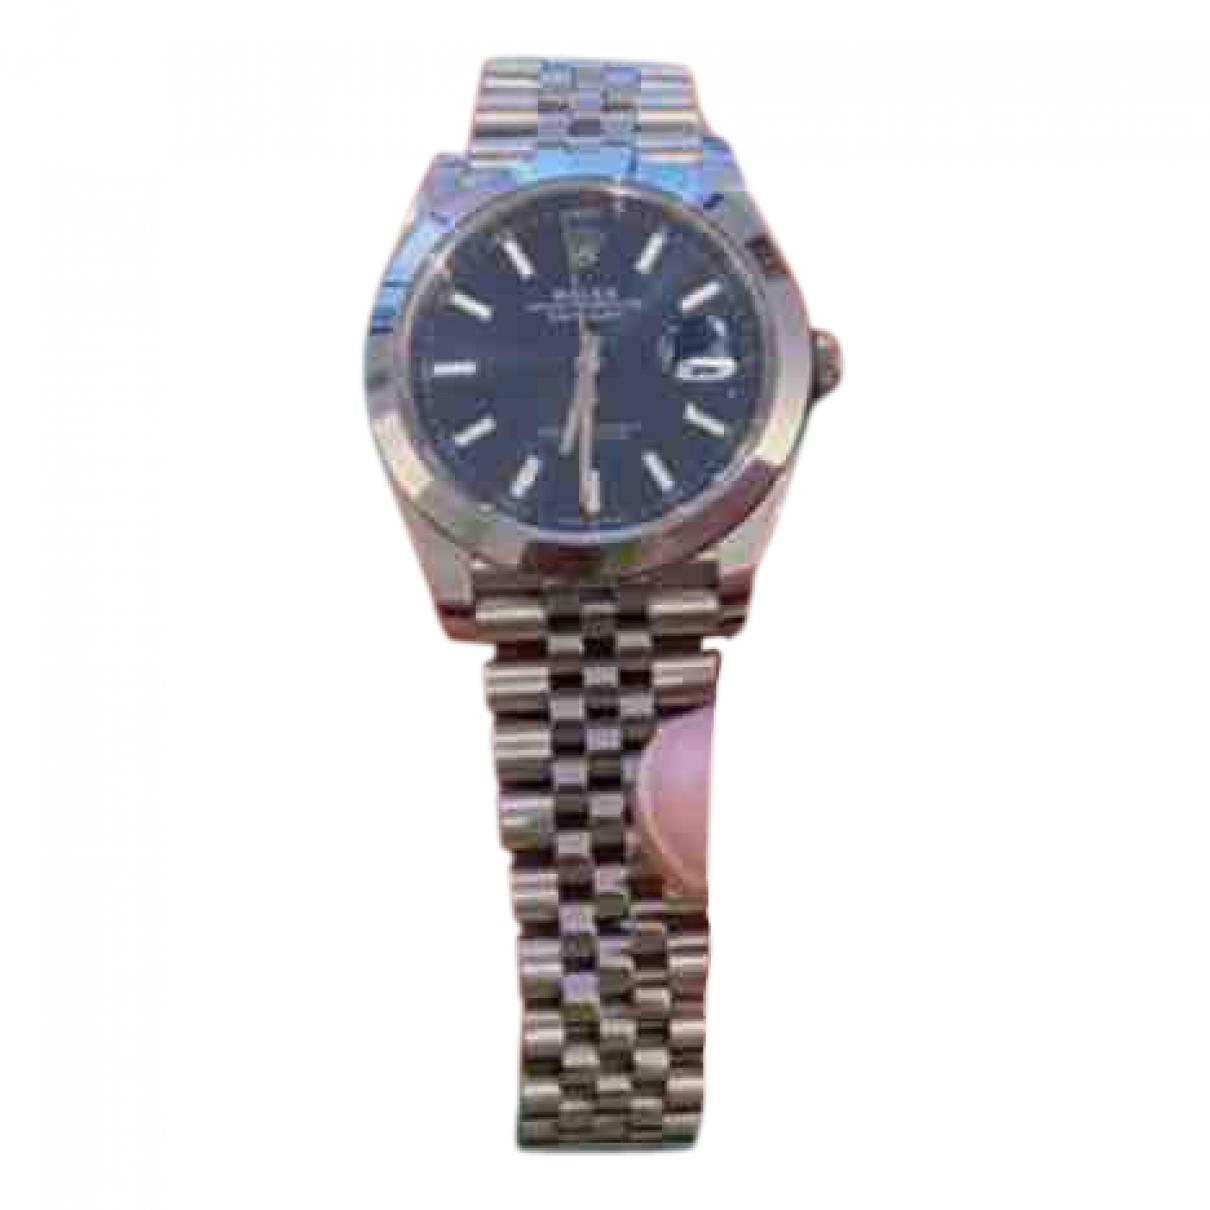 Relojes DateJust II 41mm Rolex